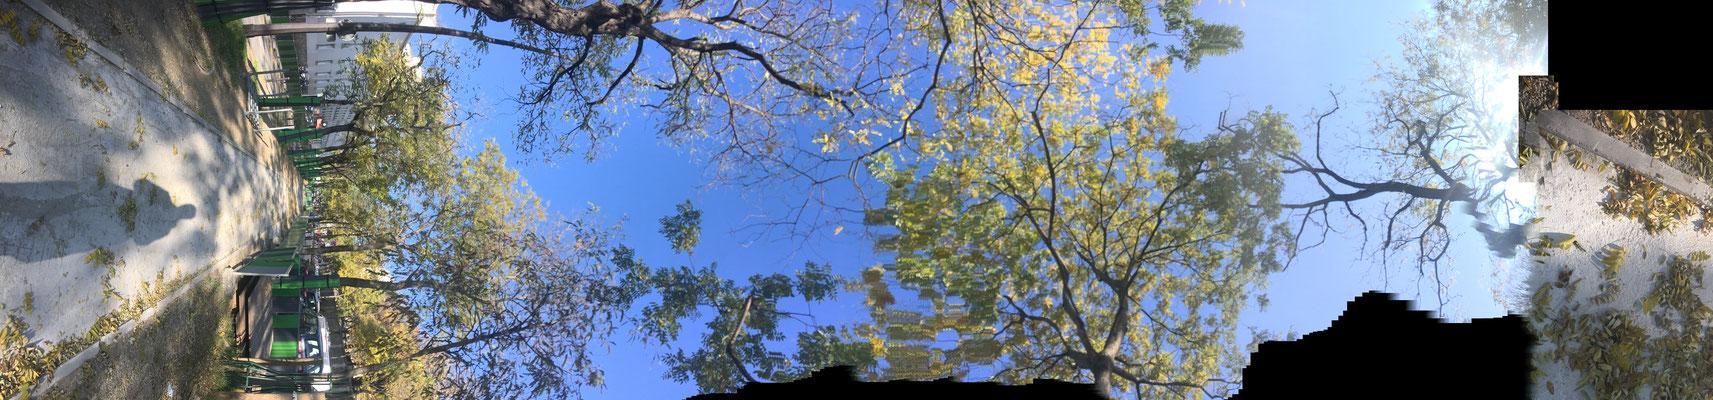 Pano Long arbre 7